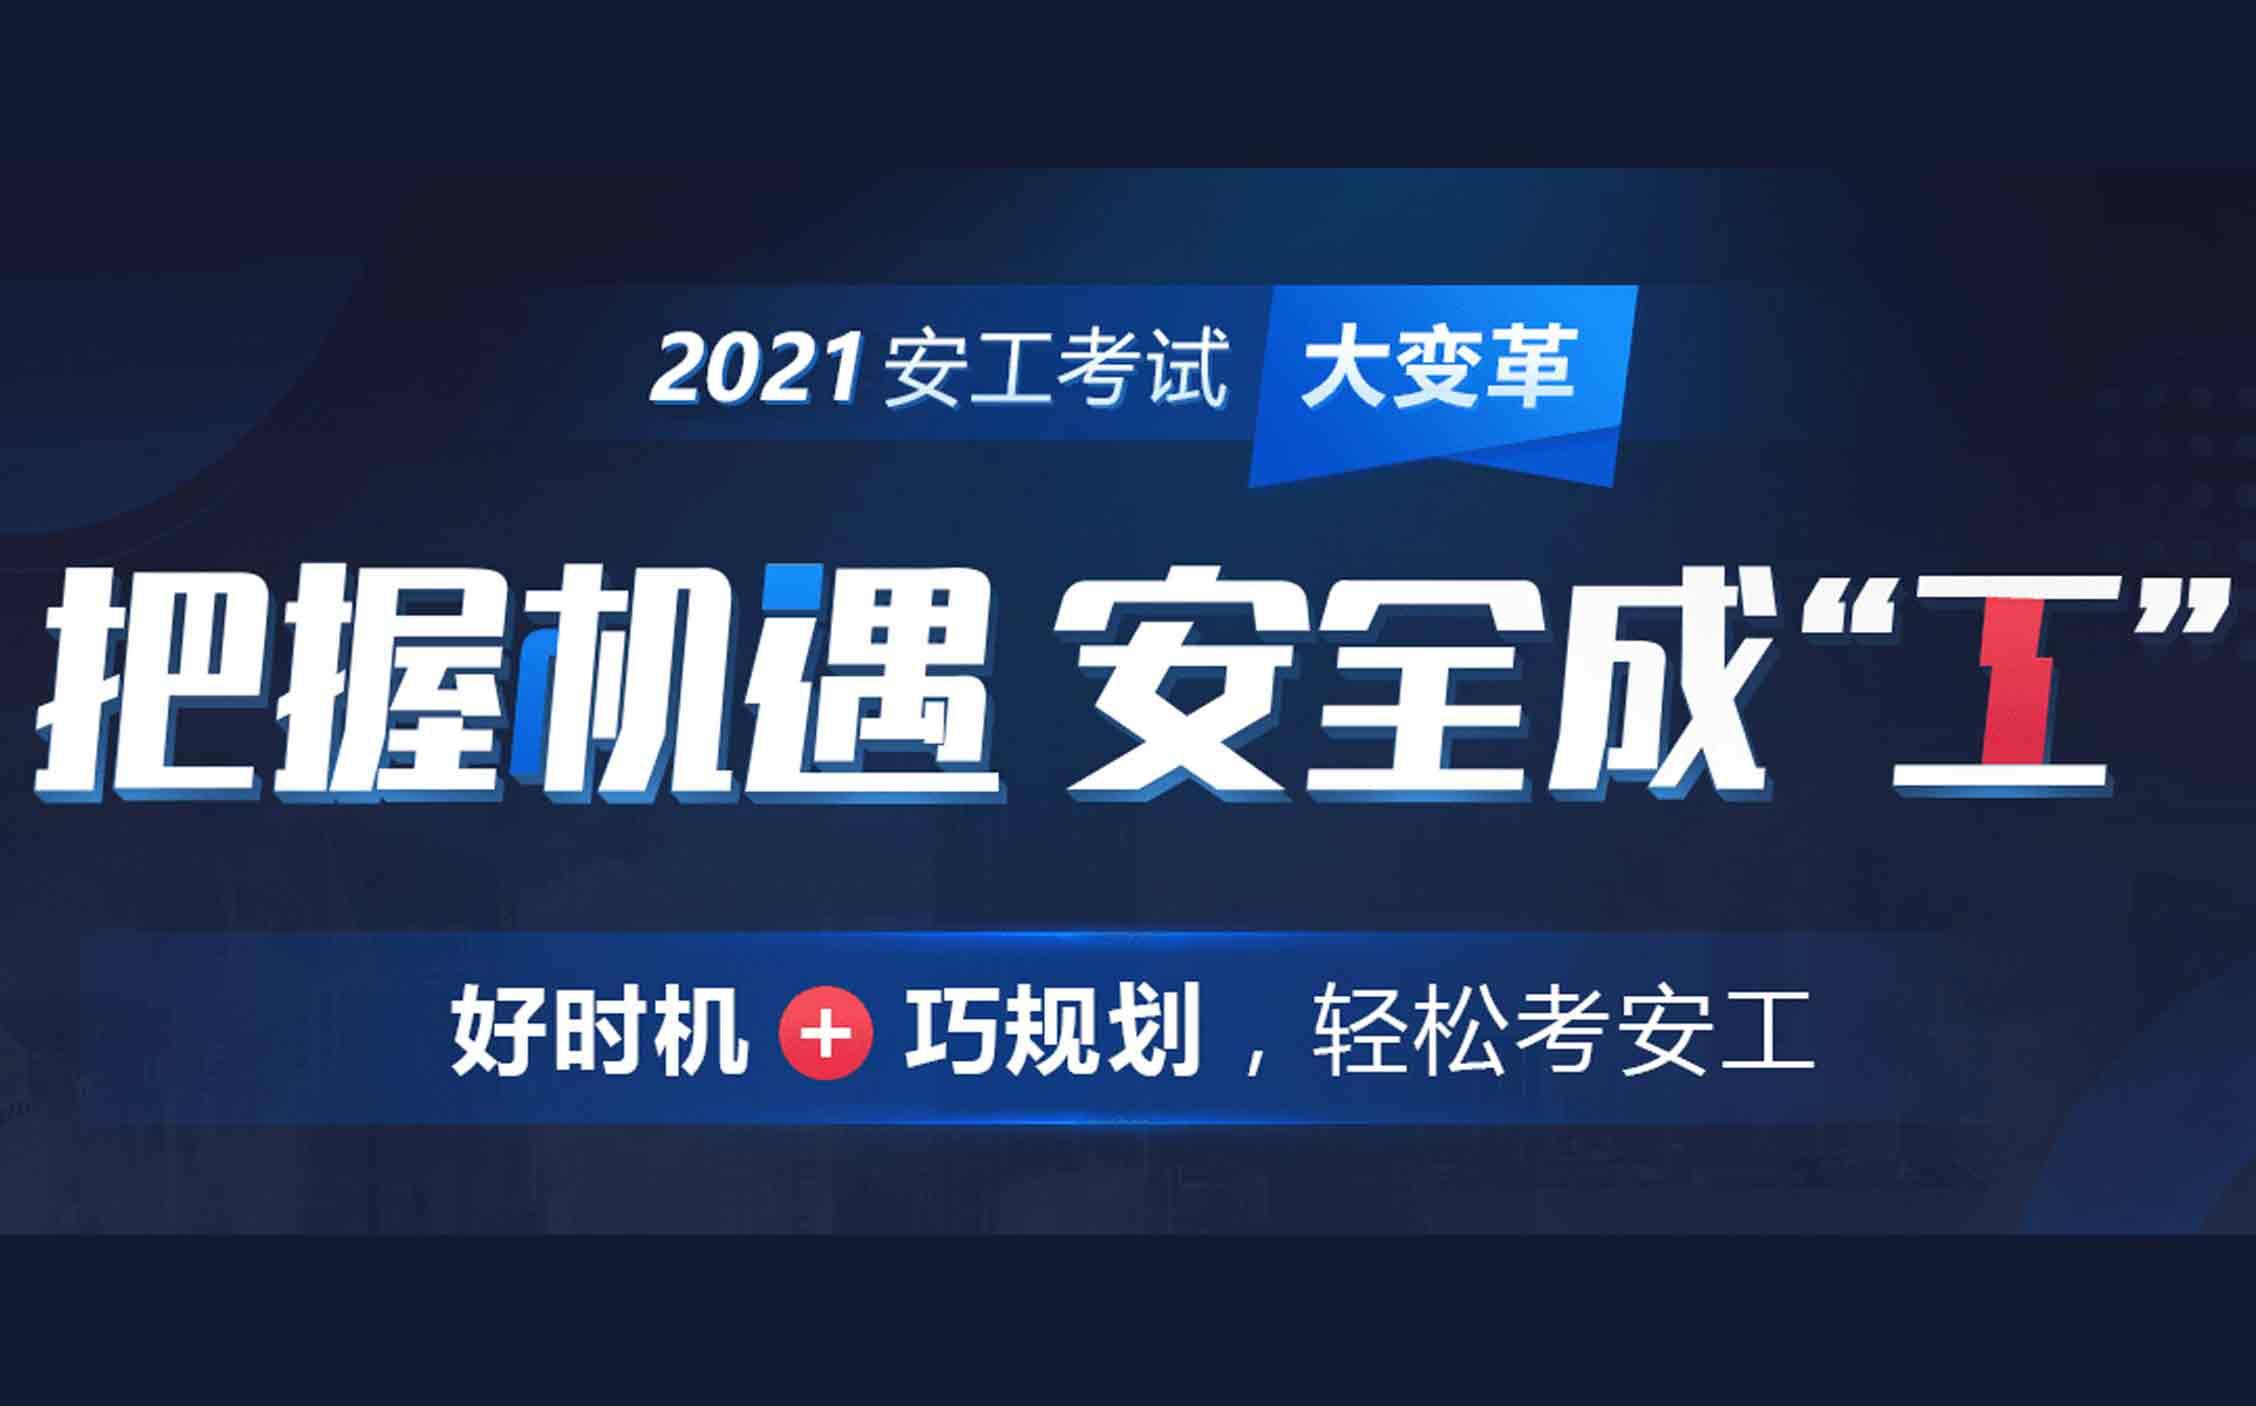 昆山2021安全工程师培训机构招生简章